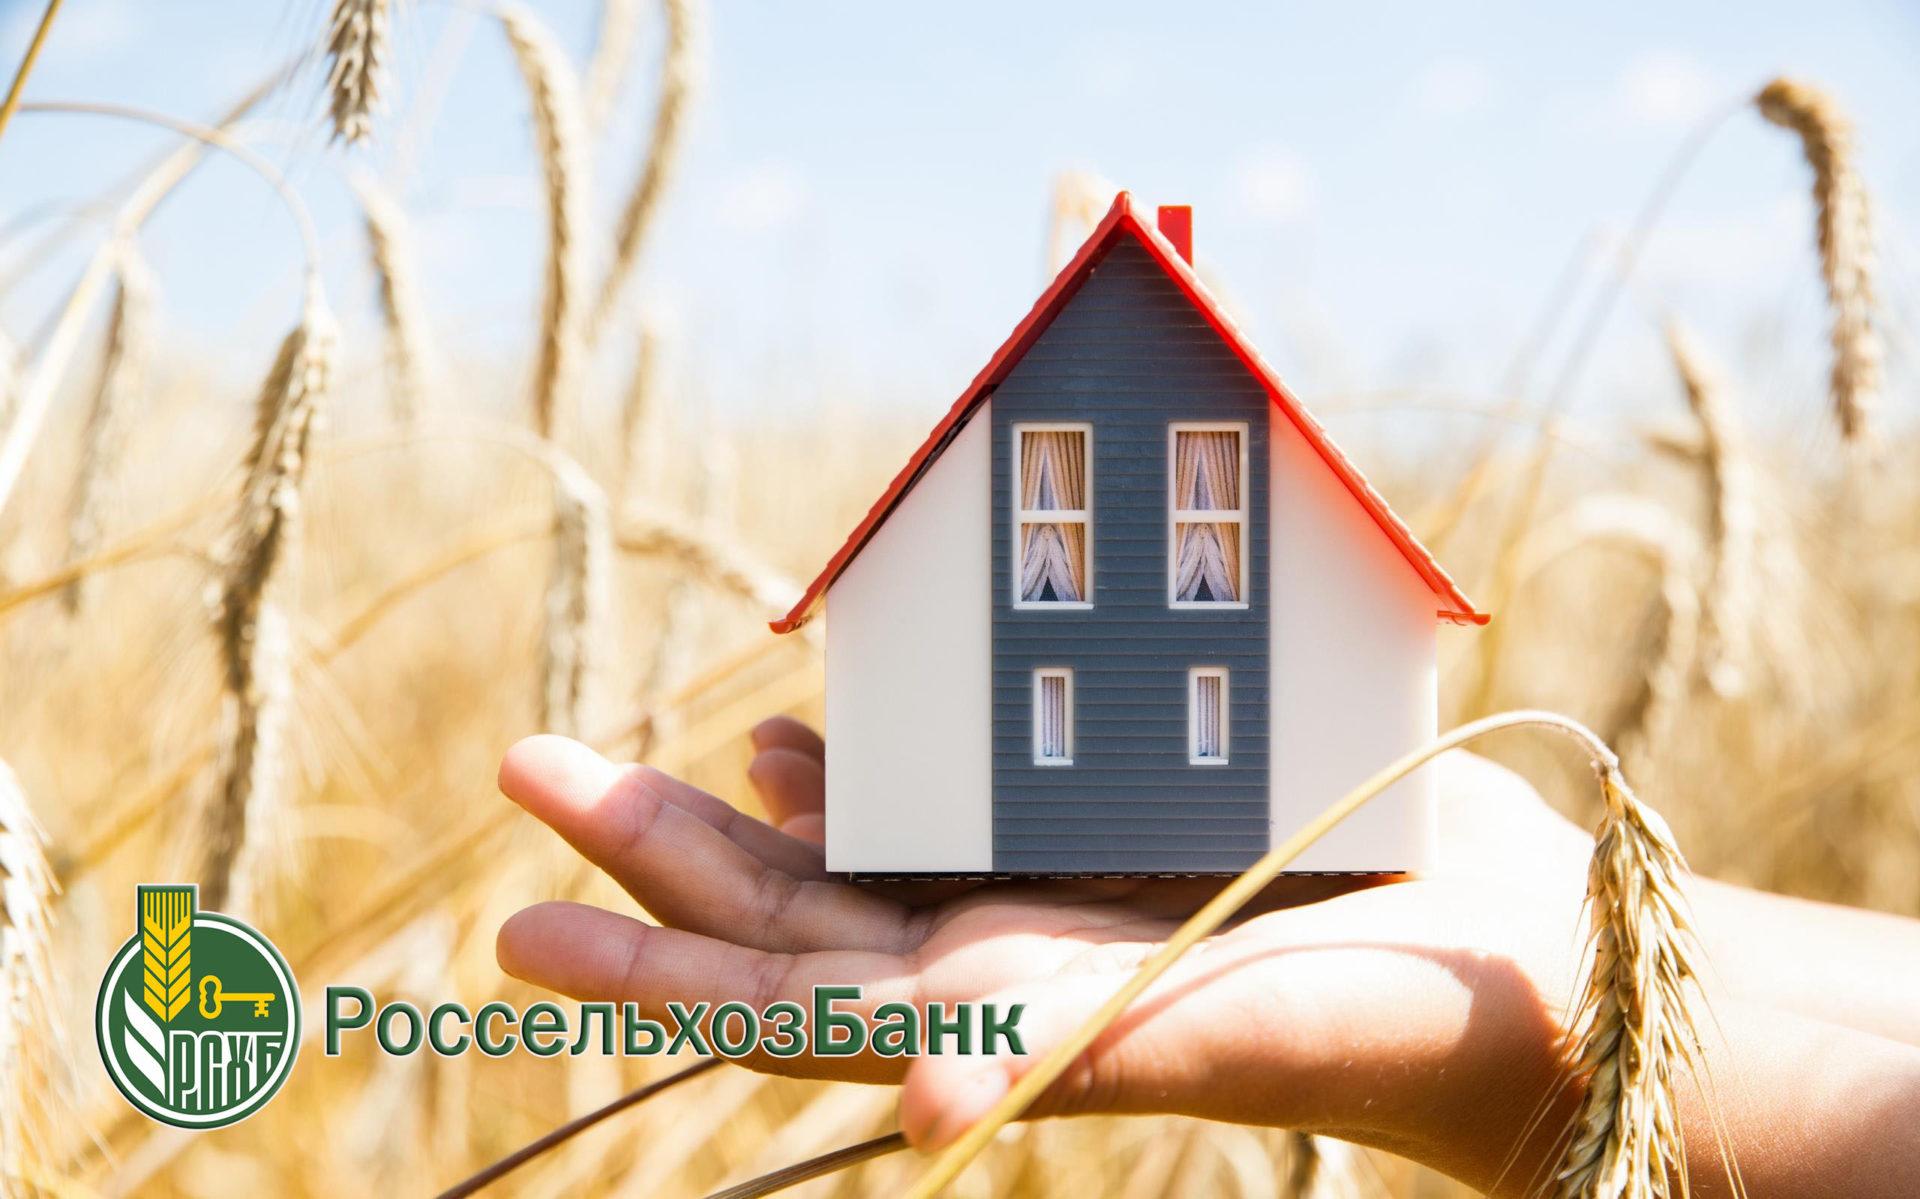 Сельская ипотека в Россельхозбанке теперь доступна от 1,9% годовых